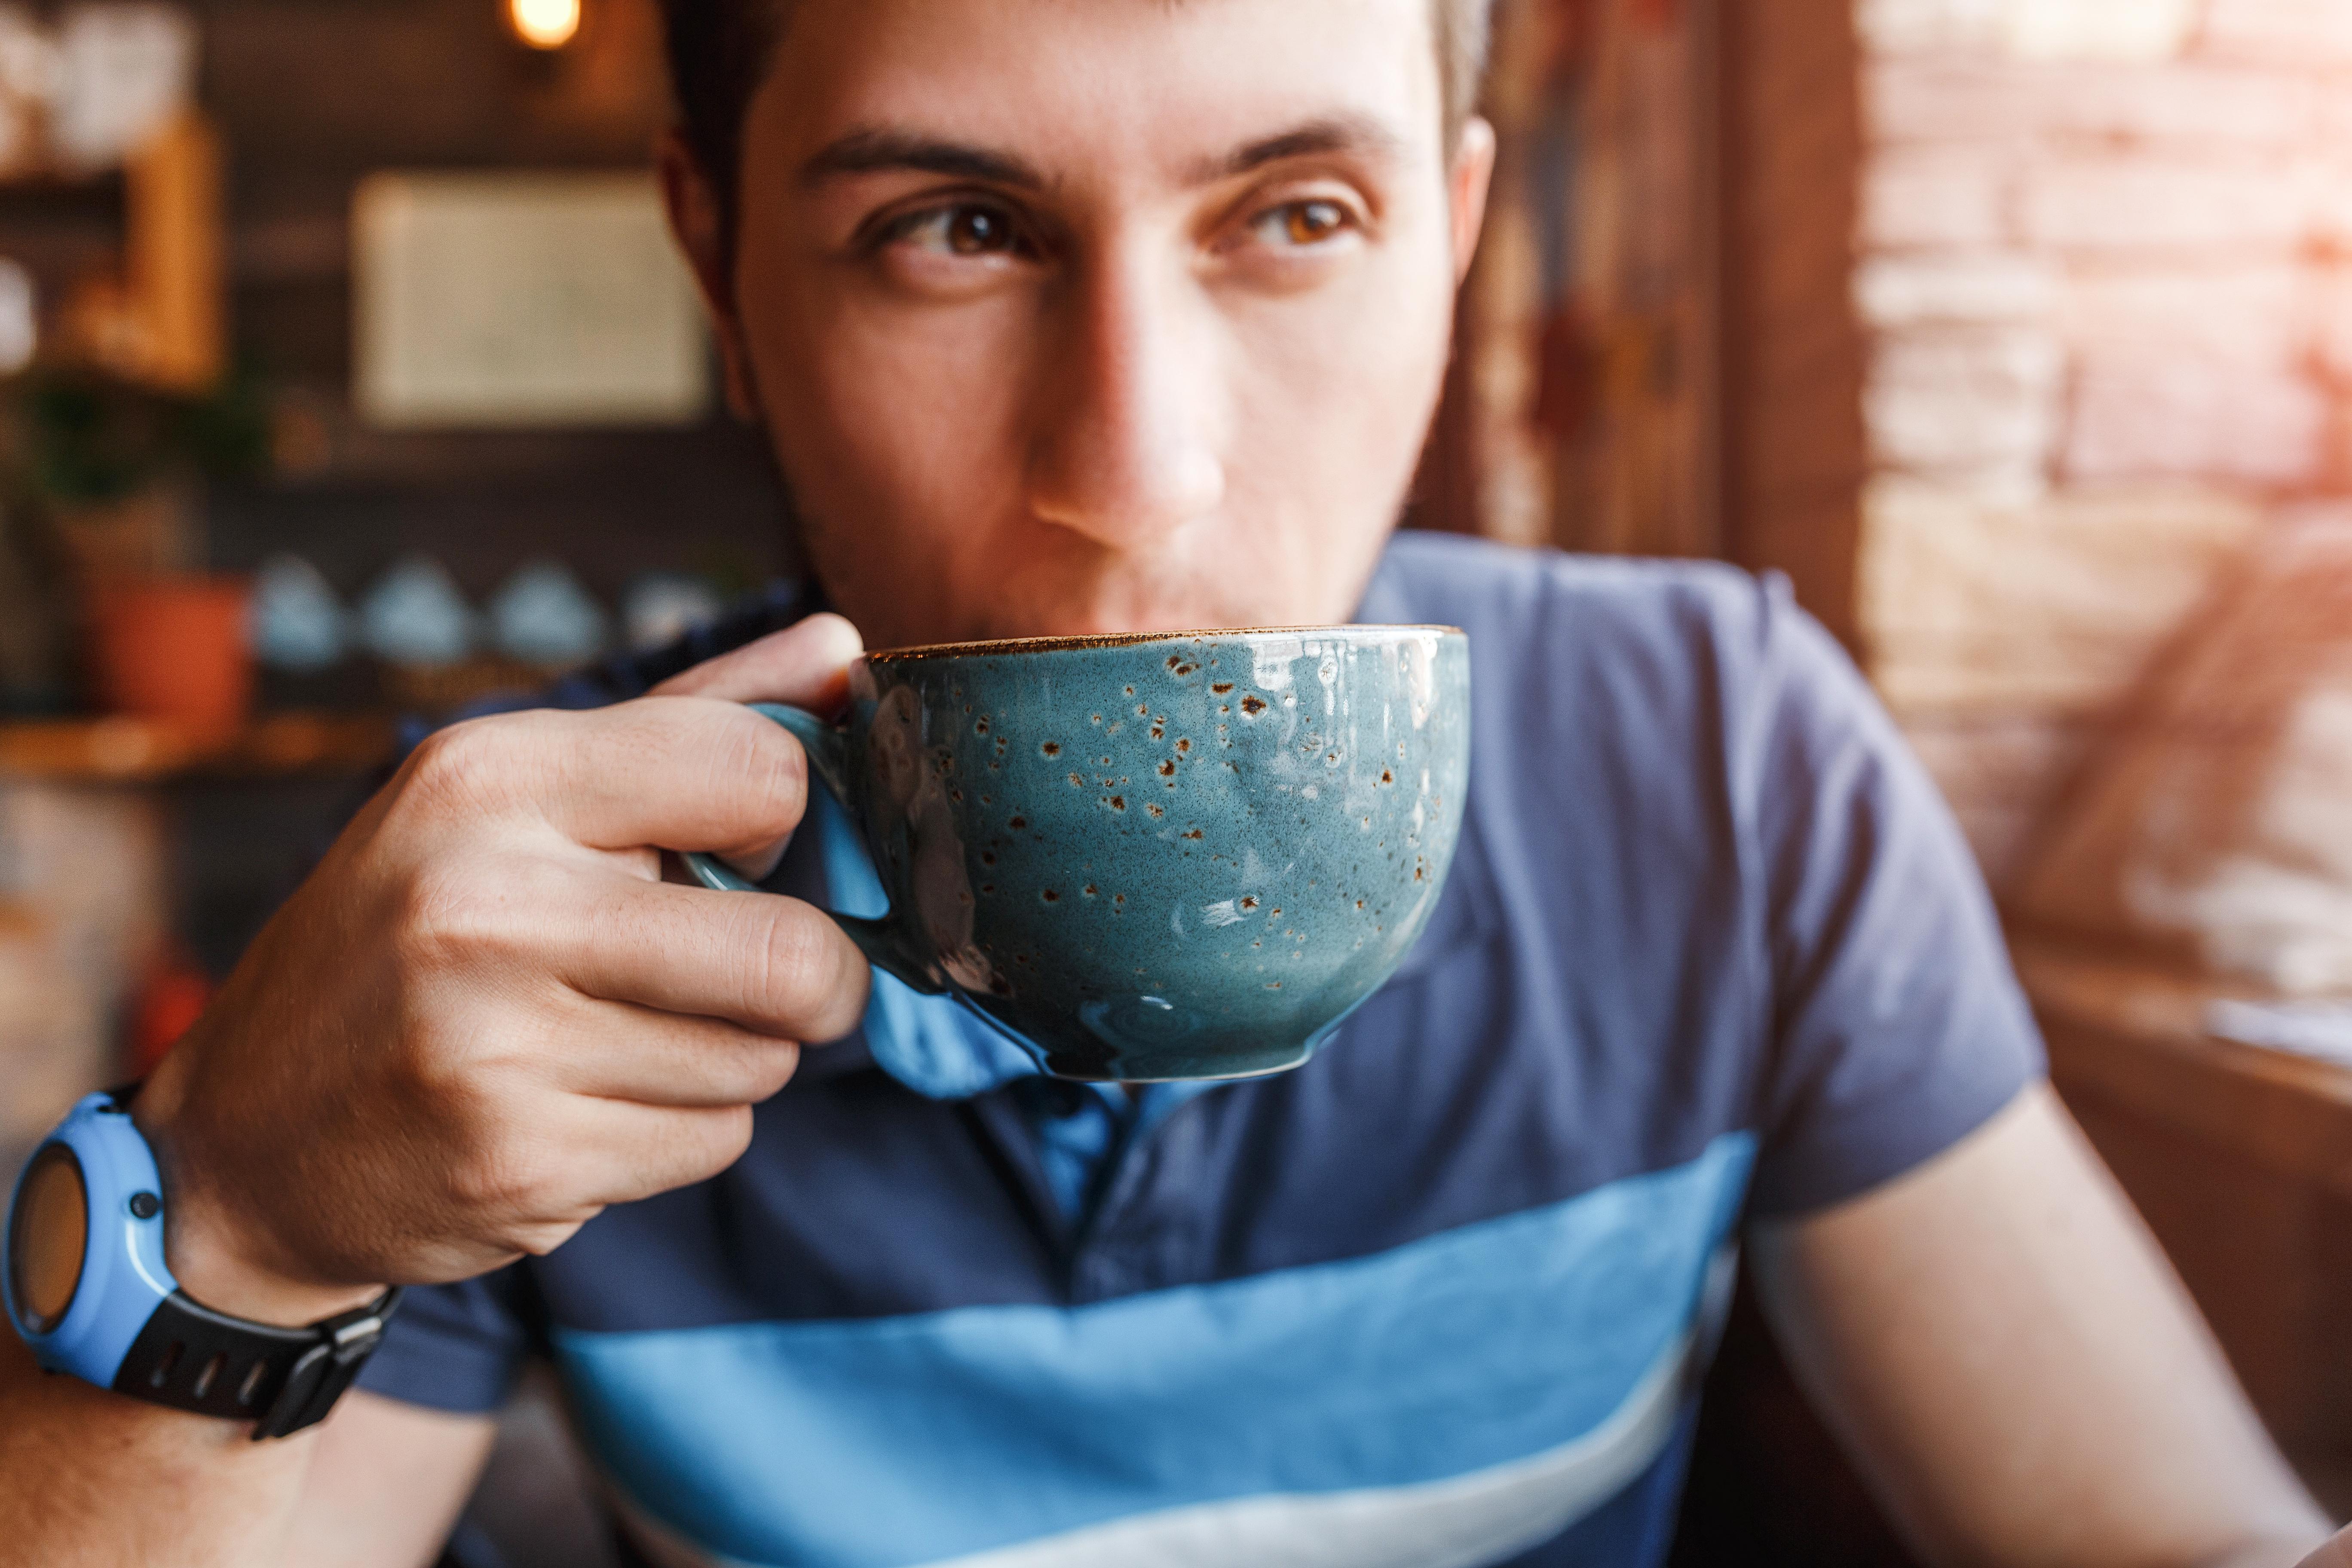 För koffein är halveringstiden 4-5 timmar, vilket betyder att hälften av den mängd kaffe vi intagit är kvar efter 4-5 timmar.